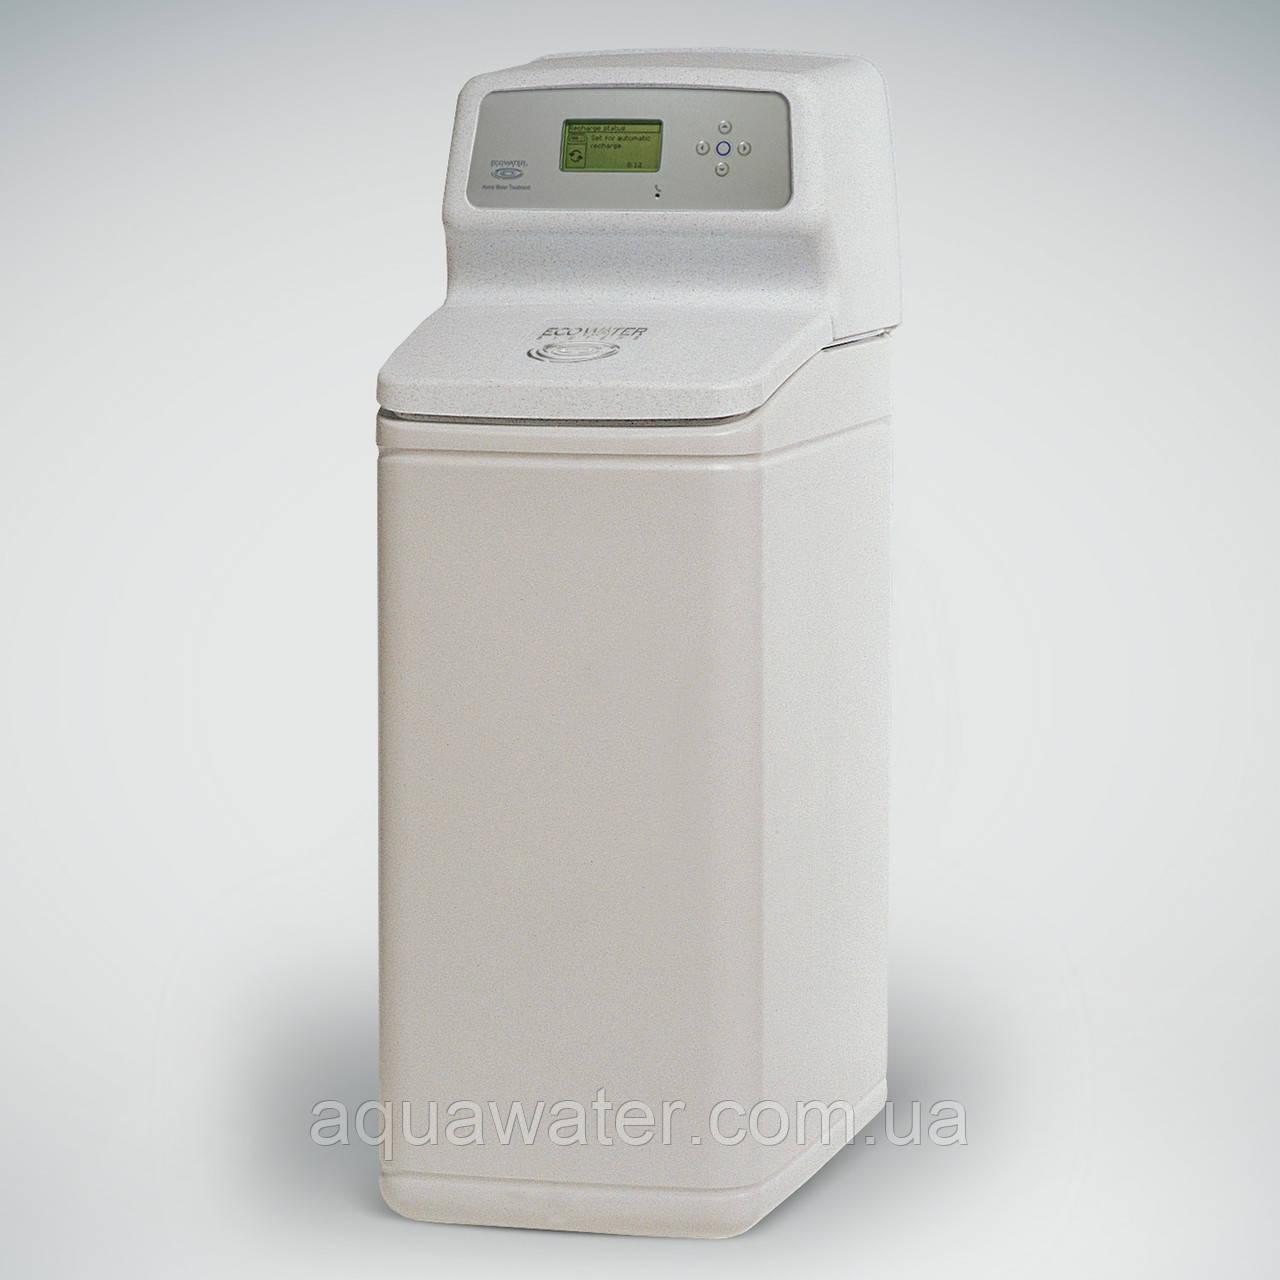 Фільтр-пом'якшувач води Ecowater ESM-15